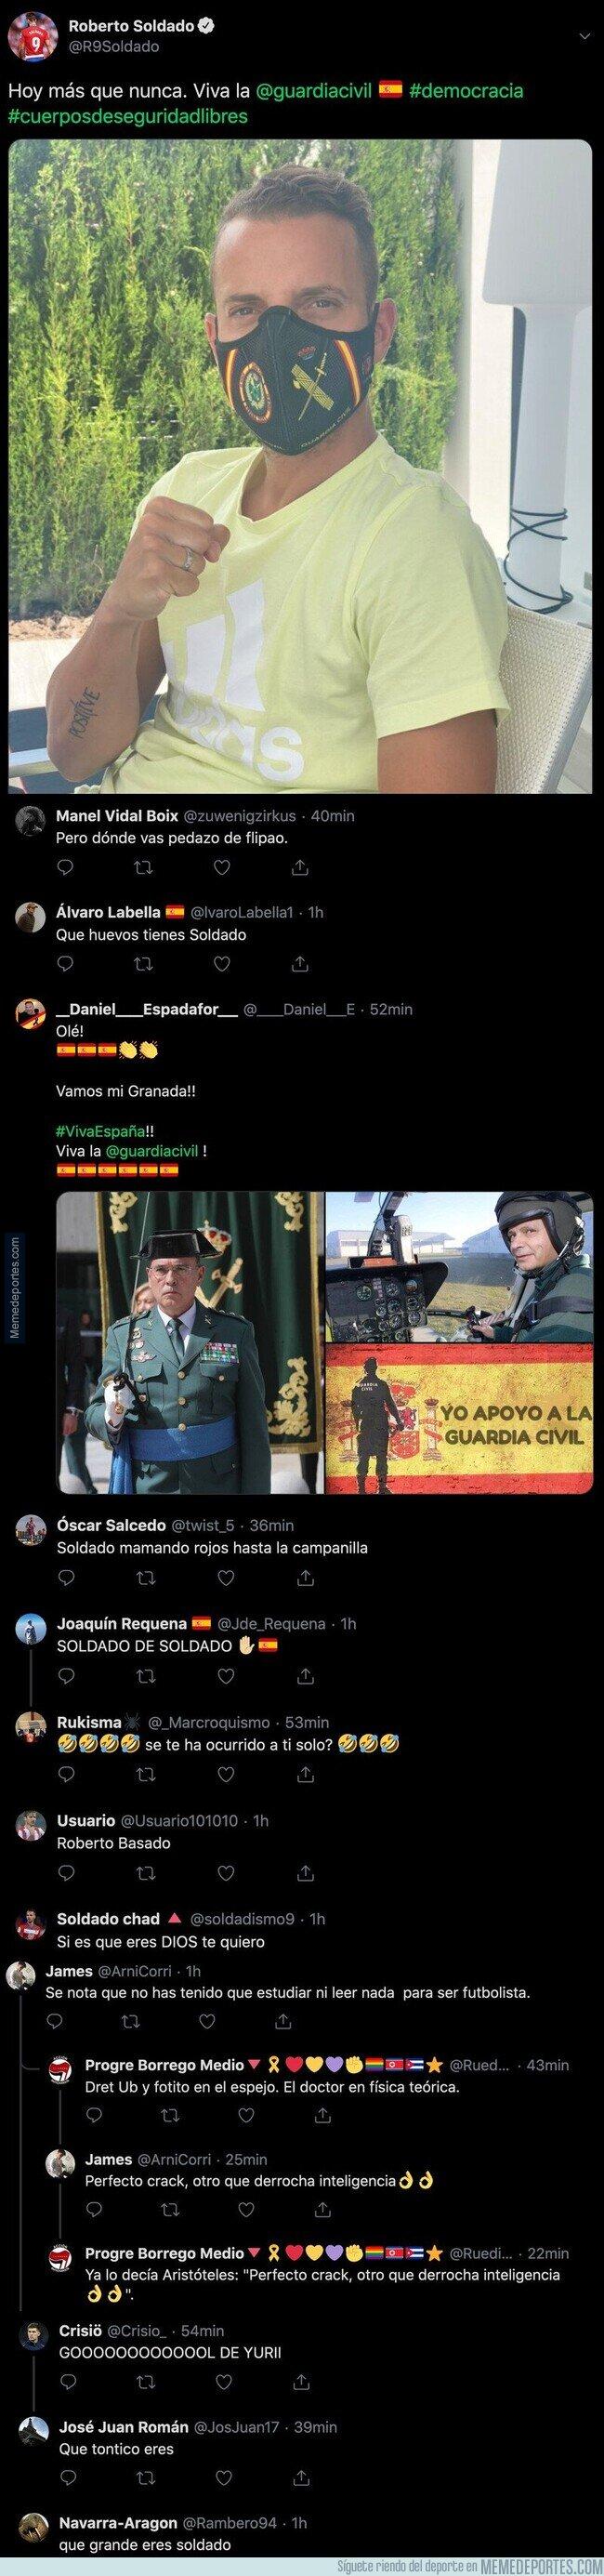 1105267 - Roberto Soldado la lía en Twitter subiendo esta foto con una mascarilla apoyando a la Guardia Civil